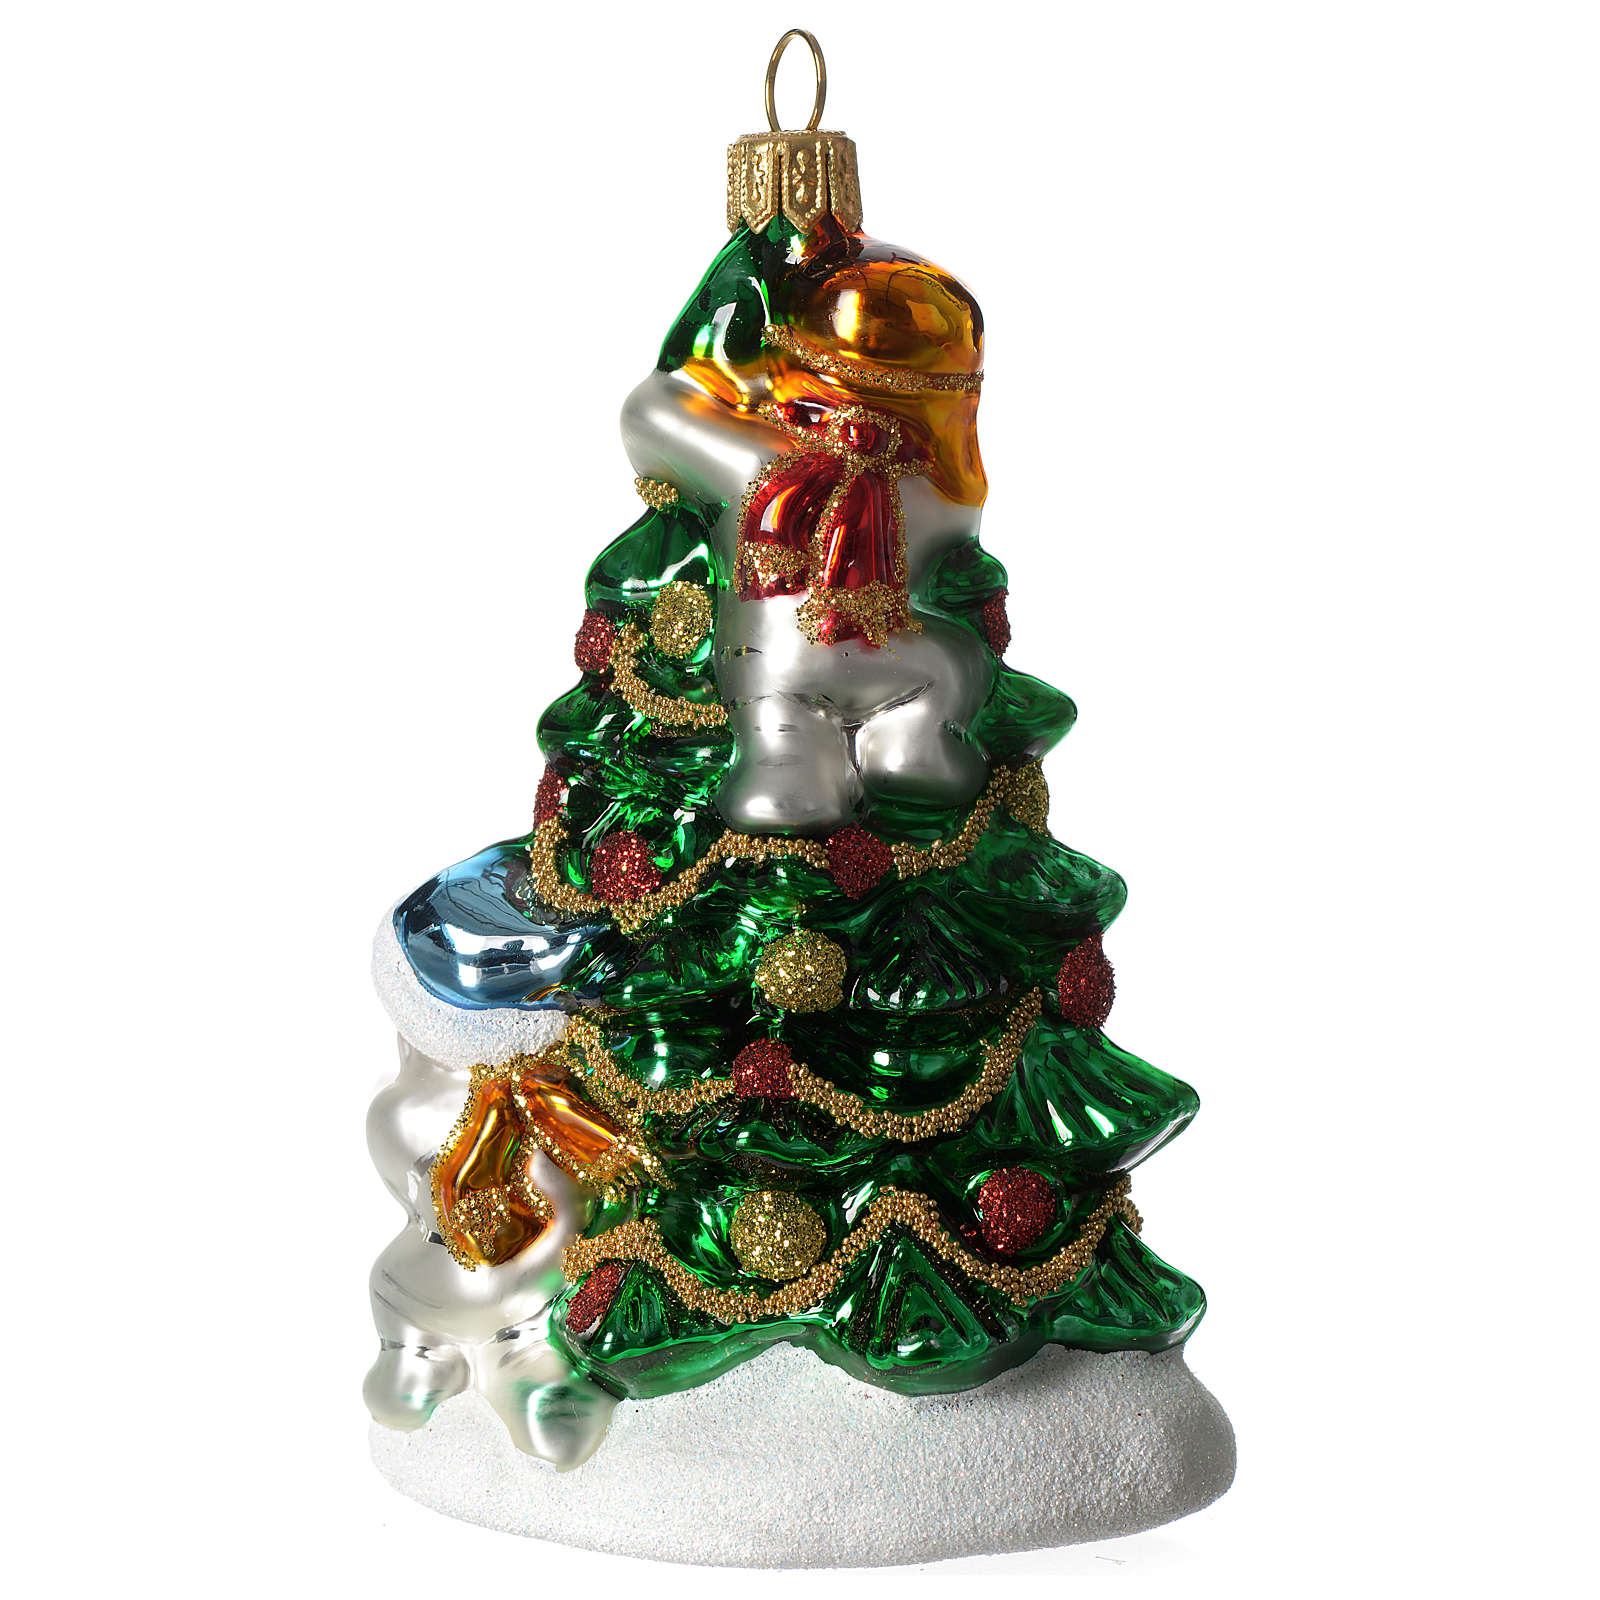 Árbol Navidad y Muñeco Nieve adorno vidrio soplado Árbol Navidad 4